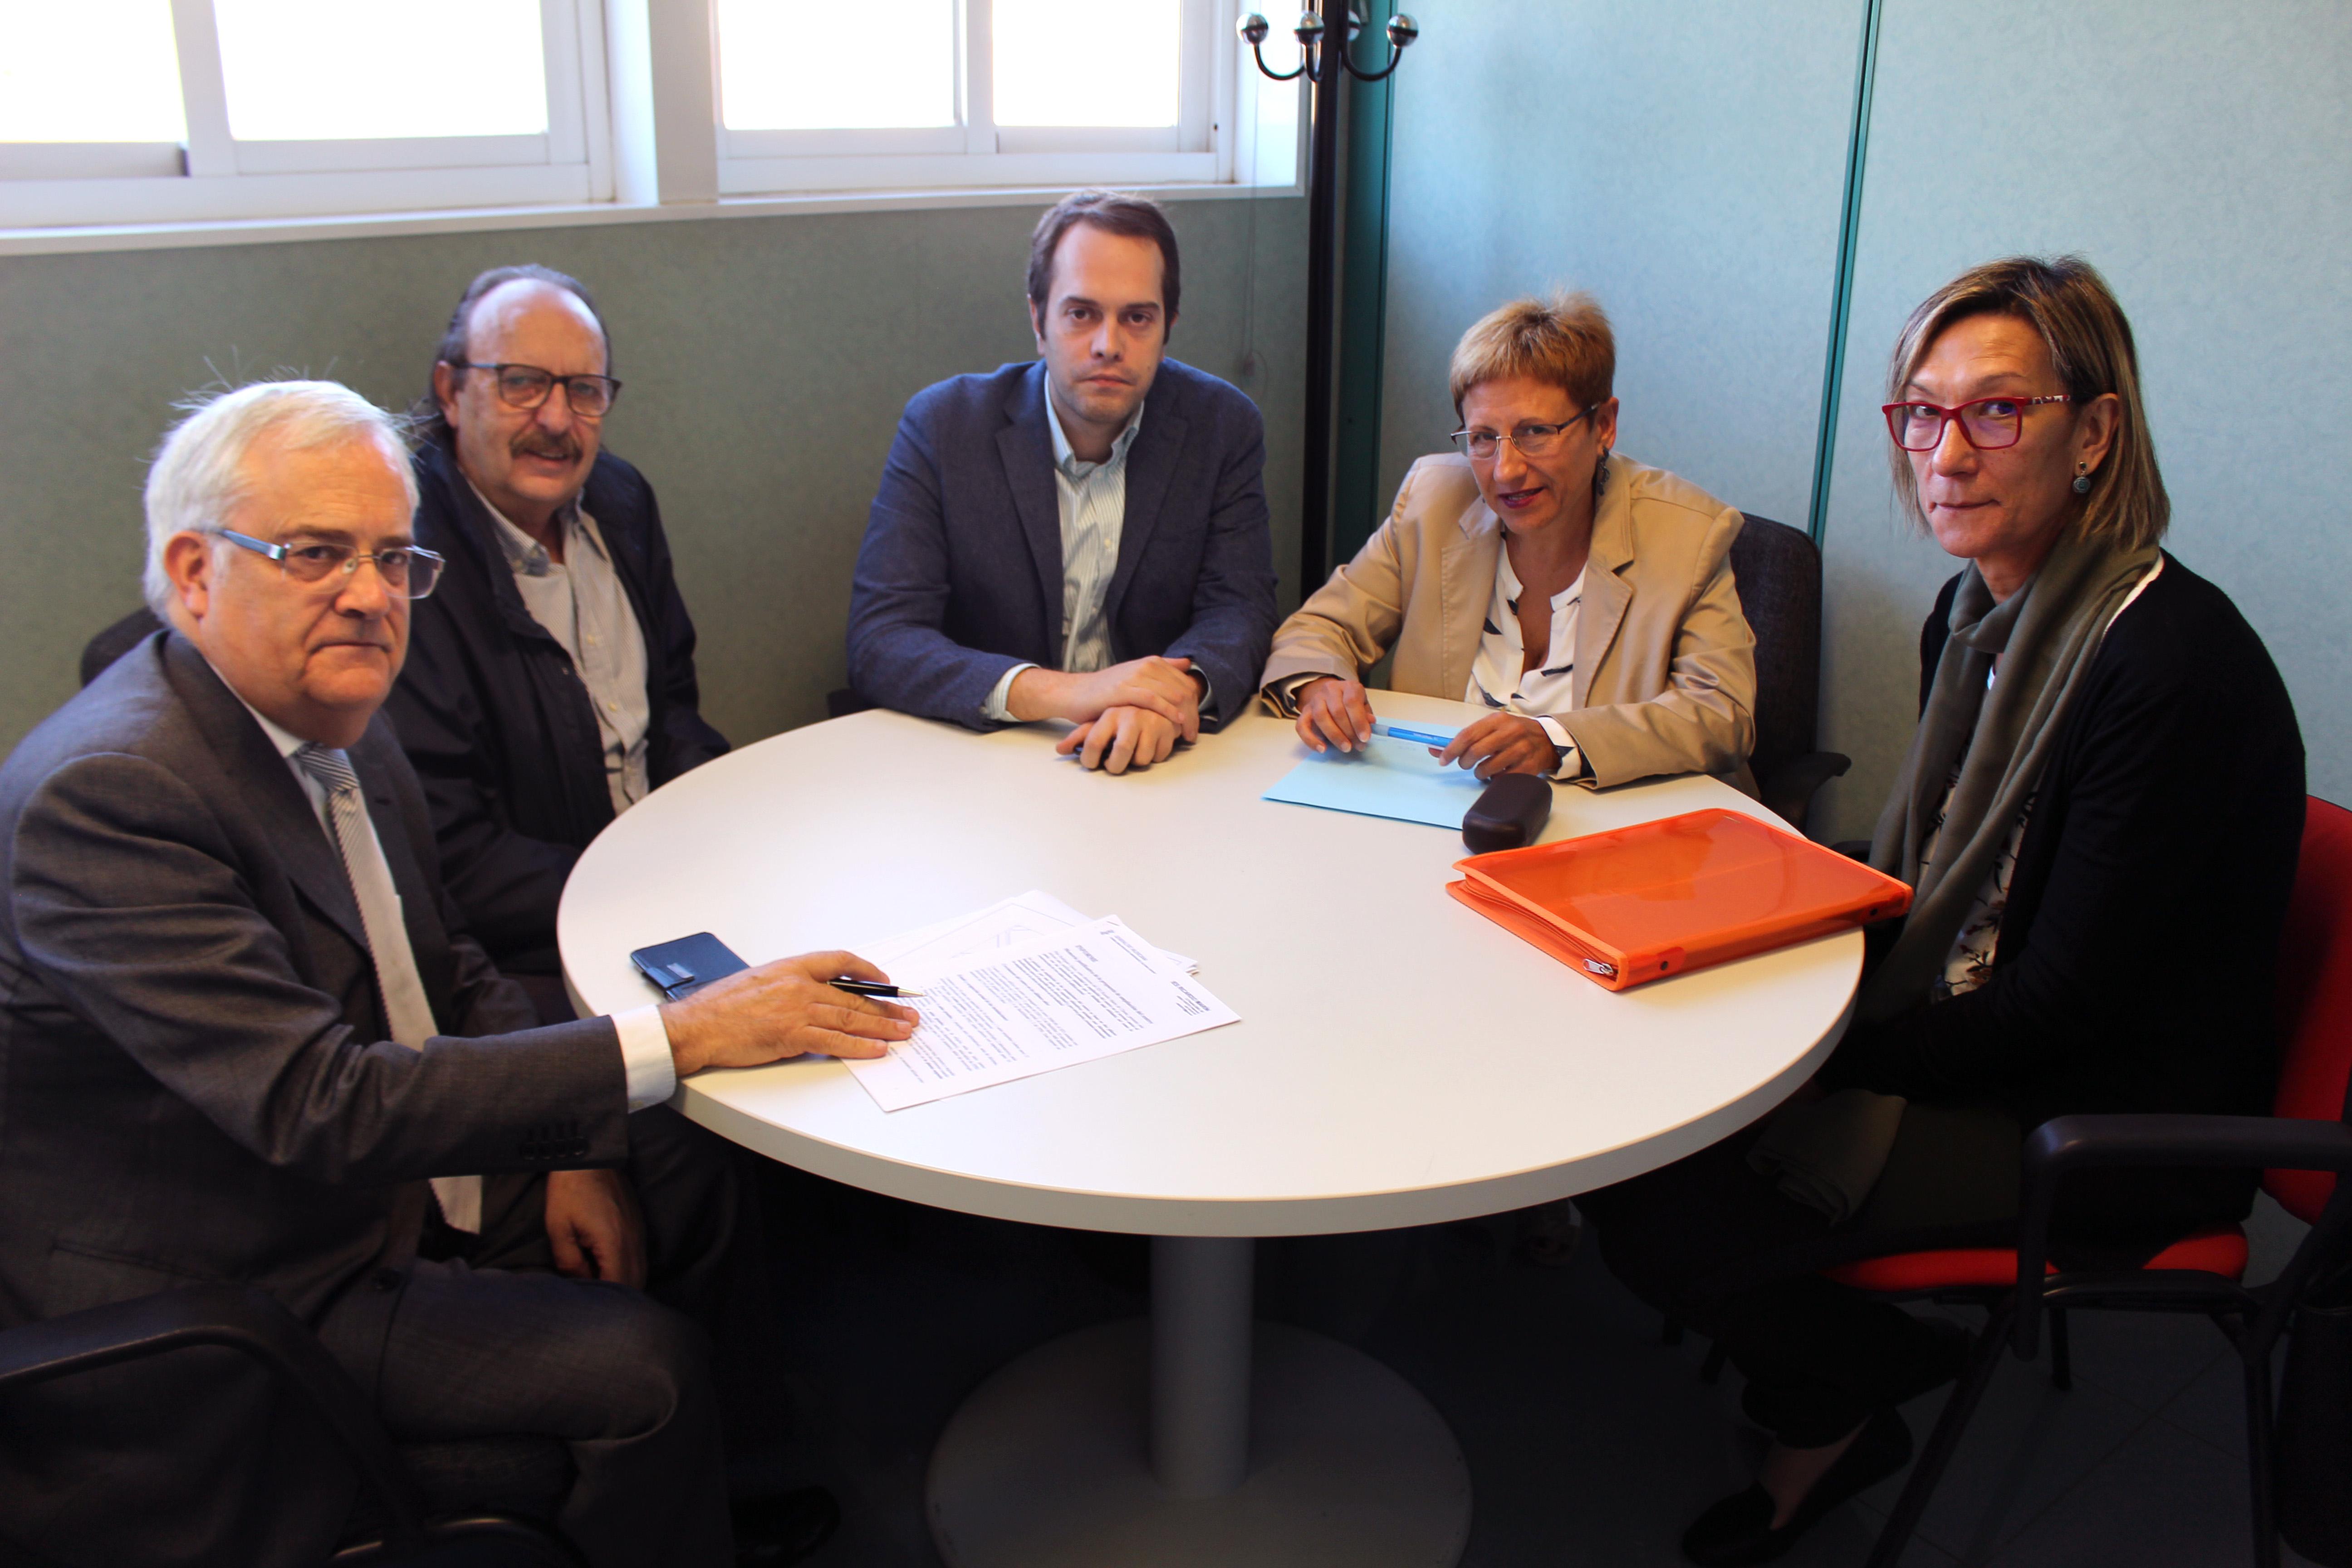 El alcalde de Cheste, José Morell, la concejala de Educación, Mª Ángeles Llorente, junto a la directora del I.E.S. Ricardo Marín, Pilar Rodríguez y el técnico de urbanismo, José García.